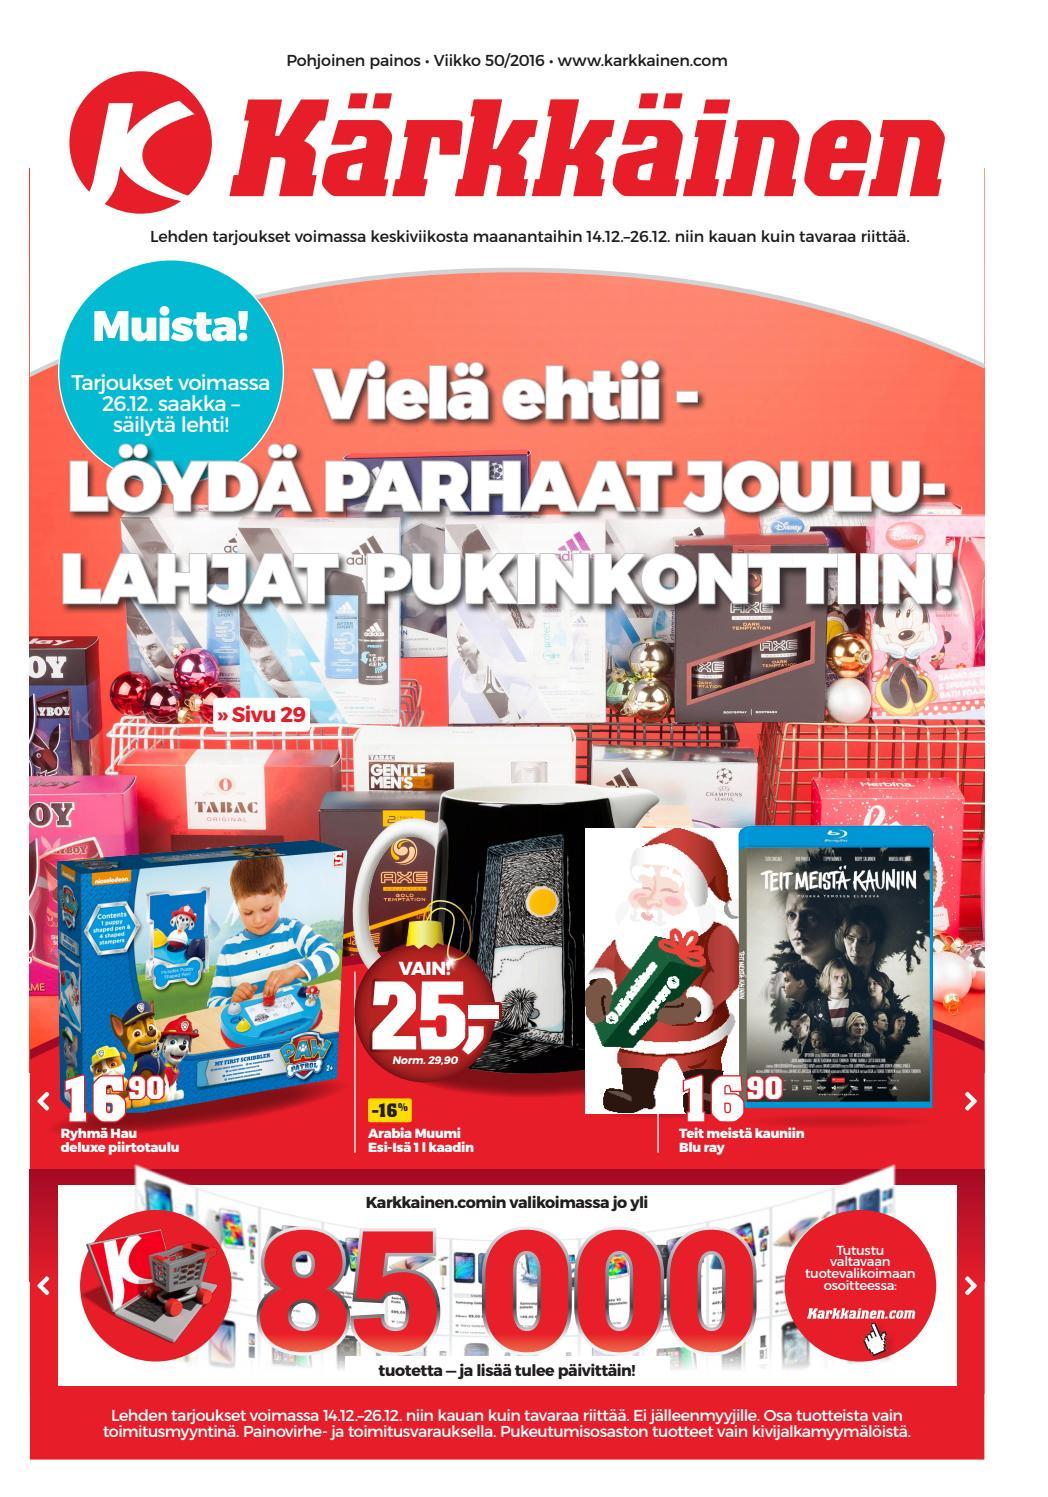 Kärkkäisen mainos (50 2016) (P) by Tavaratalo J. Kärkkäinen Oy - issuu 64434bee21